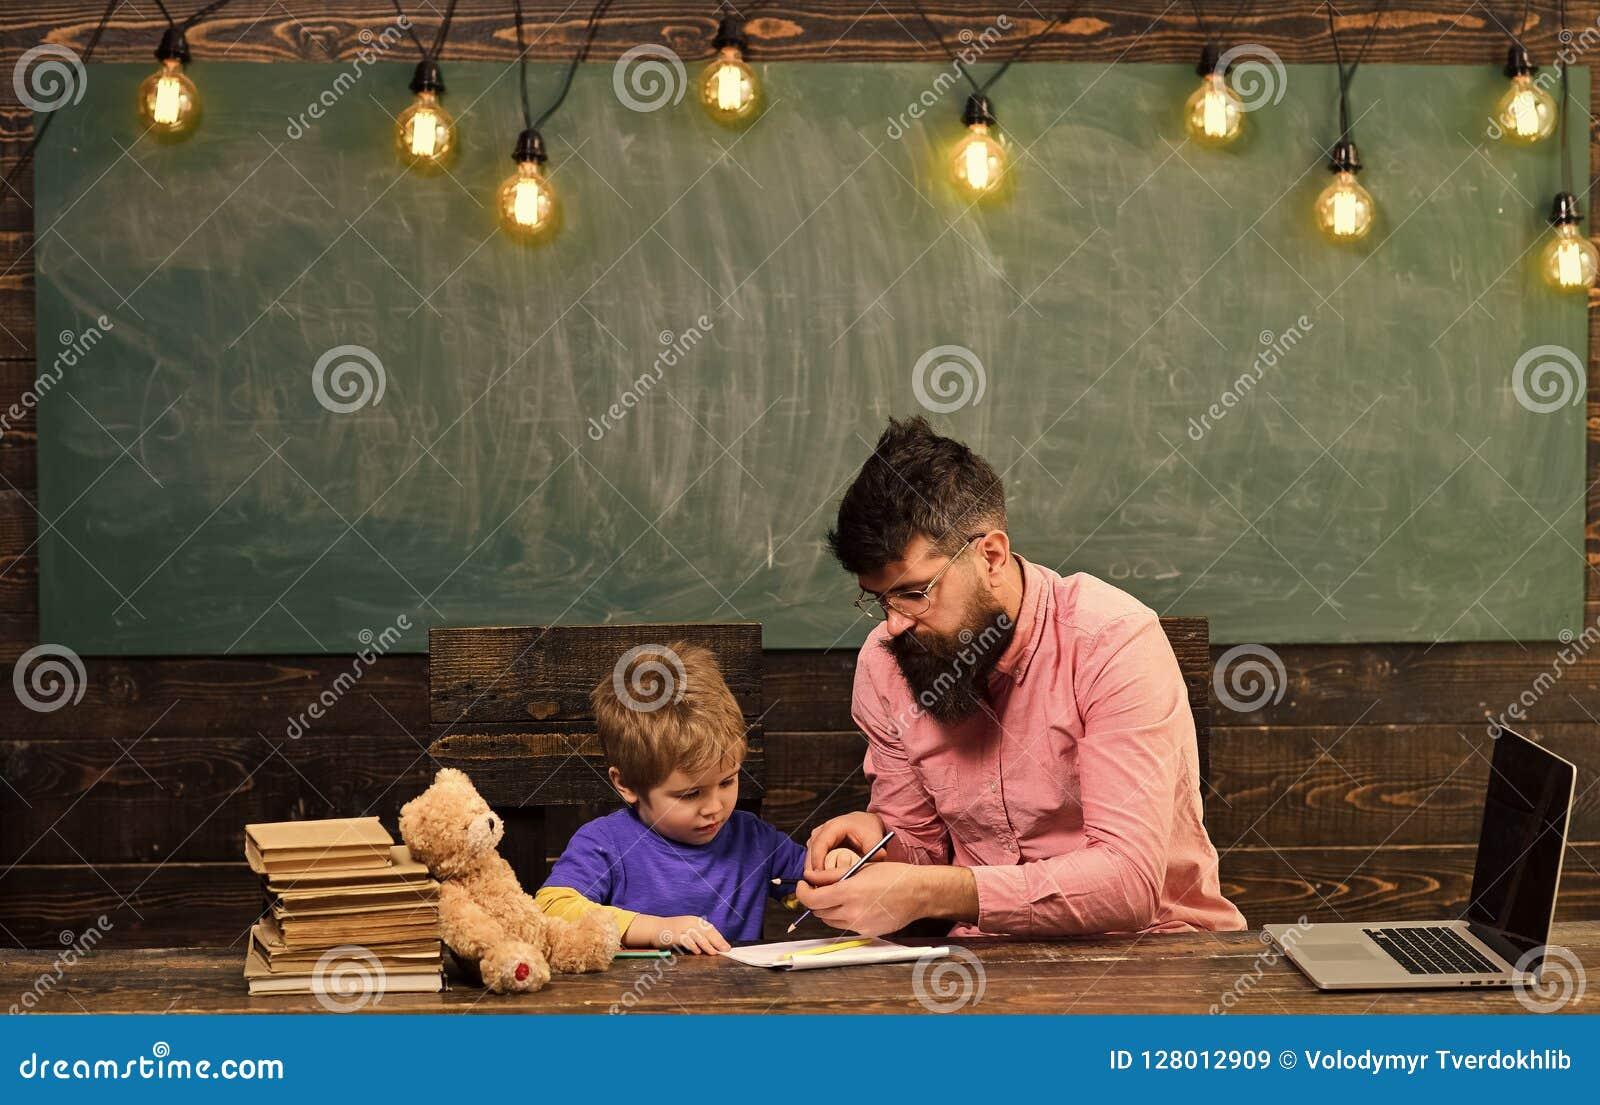 Aluno com o professor na escola Criança de ajuda do tutor para escrever letras no caderno O homem e o menino sentam-se na mesa co